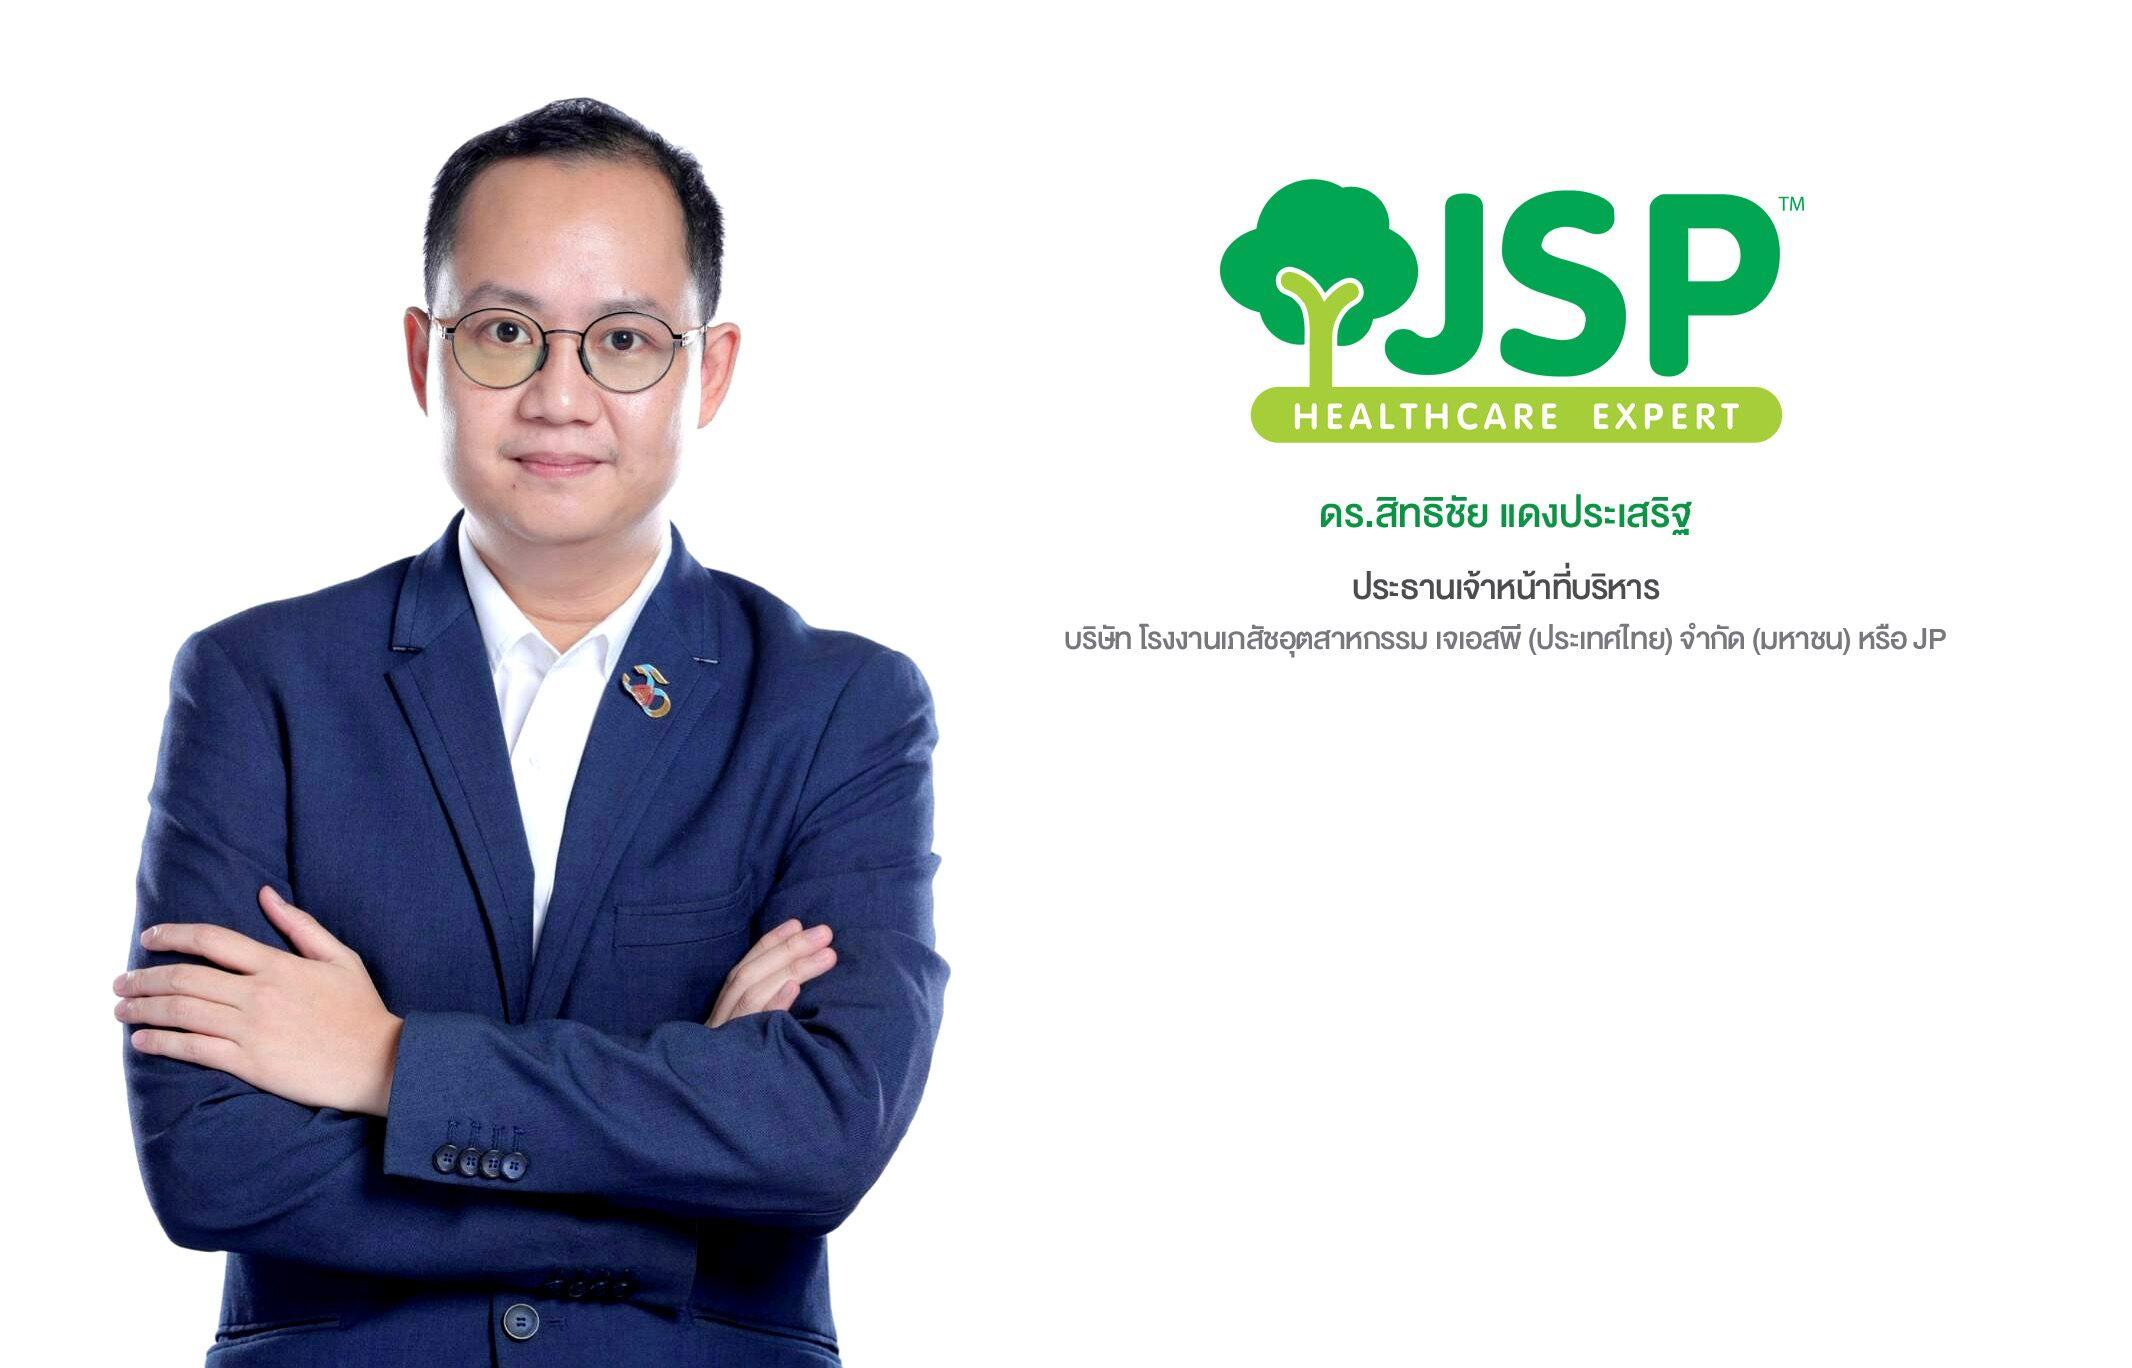 'เจพี' จ่อขายหุ้นไอพีโอ 115 ล้านหุ้น เล็งเข้าตลาด 'เอ็ม เอ ไอ' หวังก้าวสู่บริษัทยาชั้นนำ